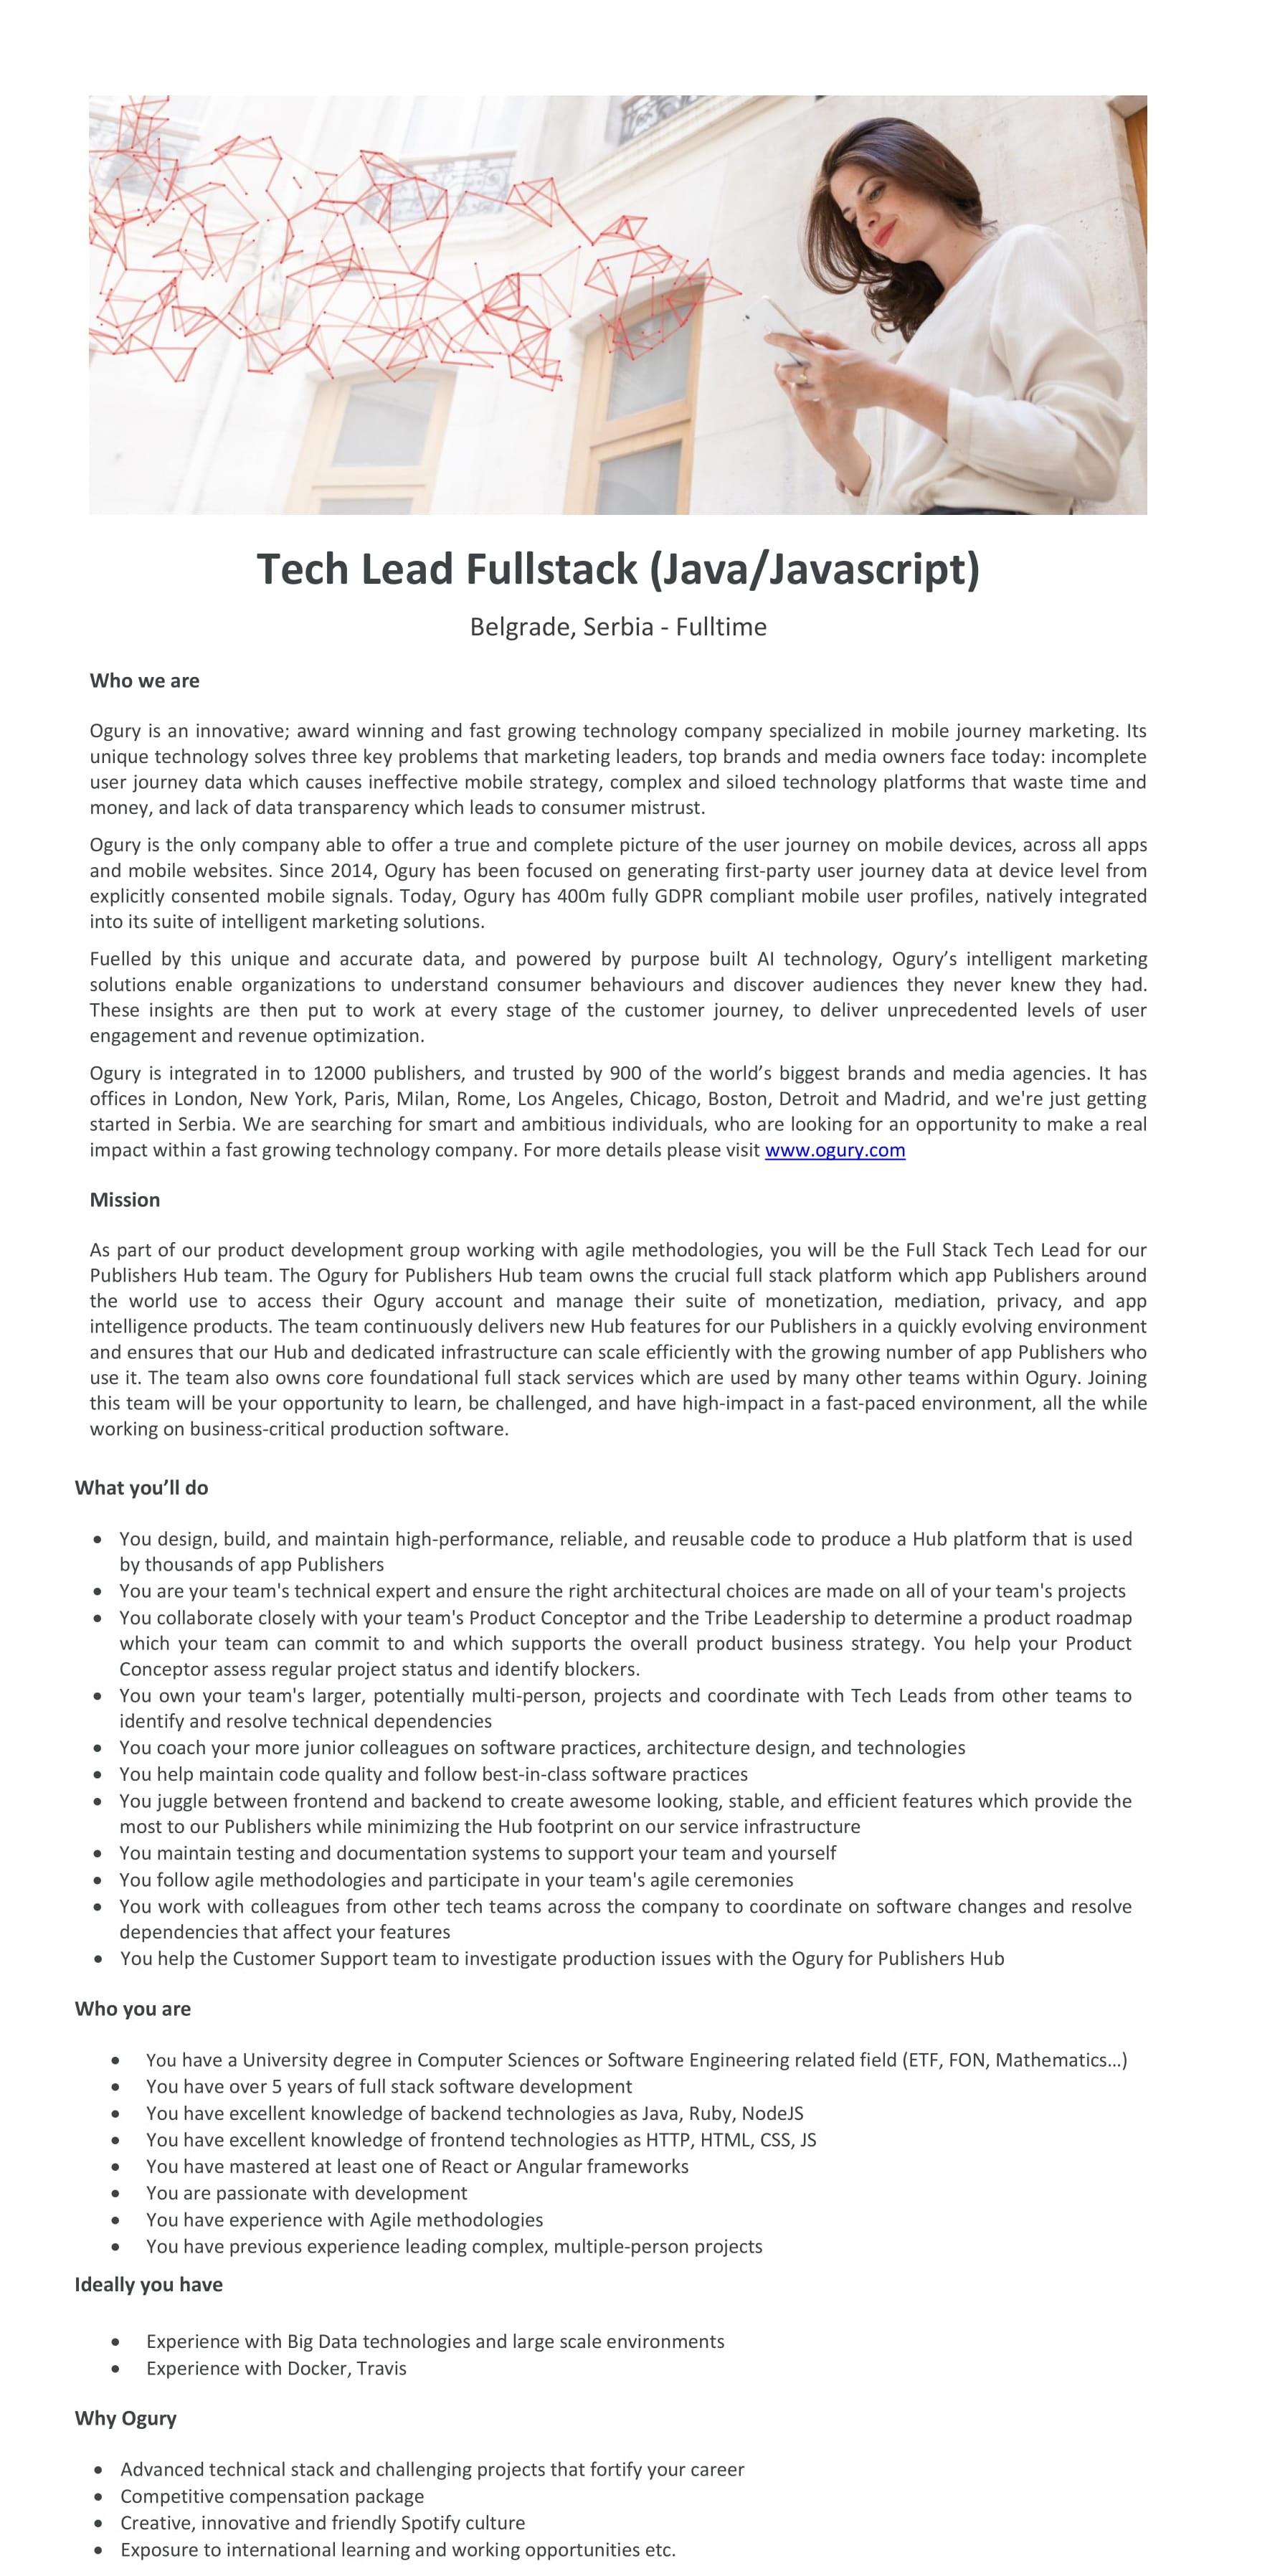 Tech Lead Fullstack (Java/Javascript)